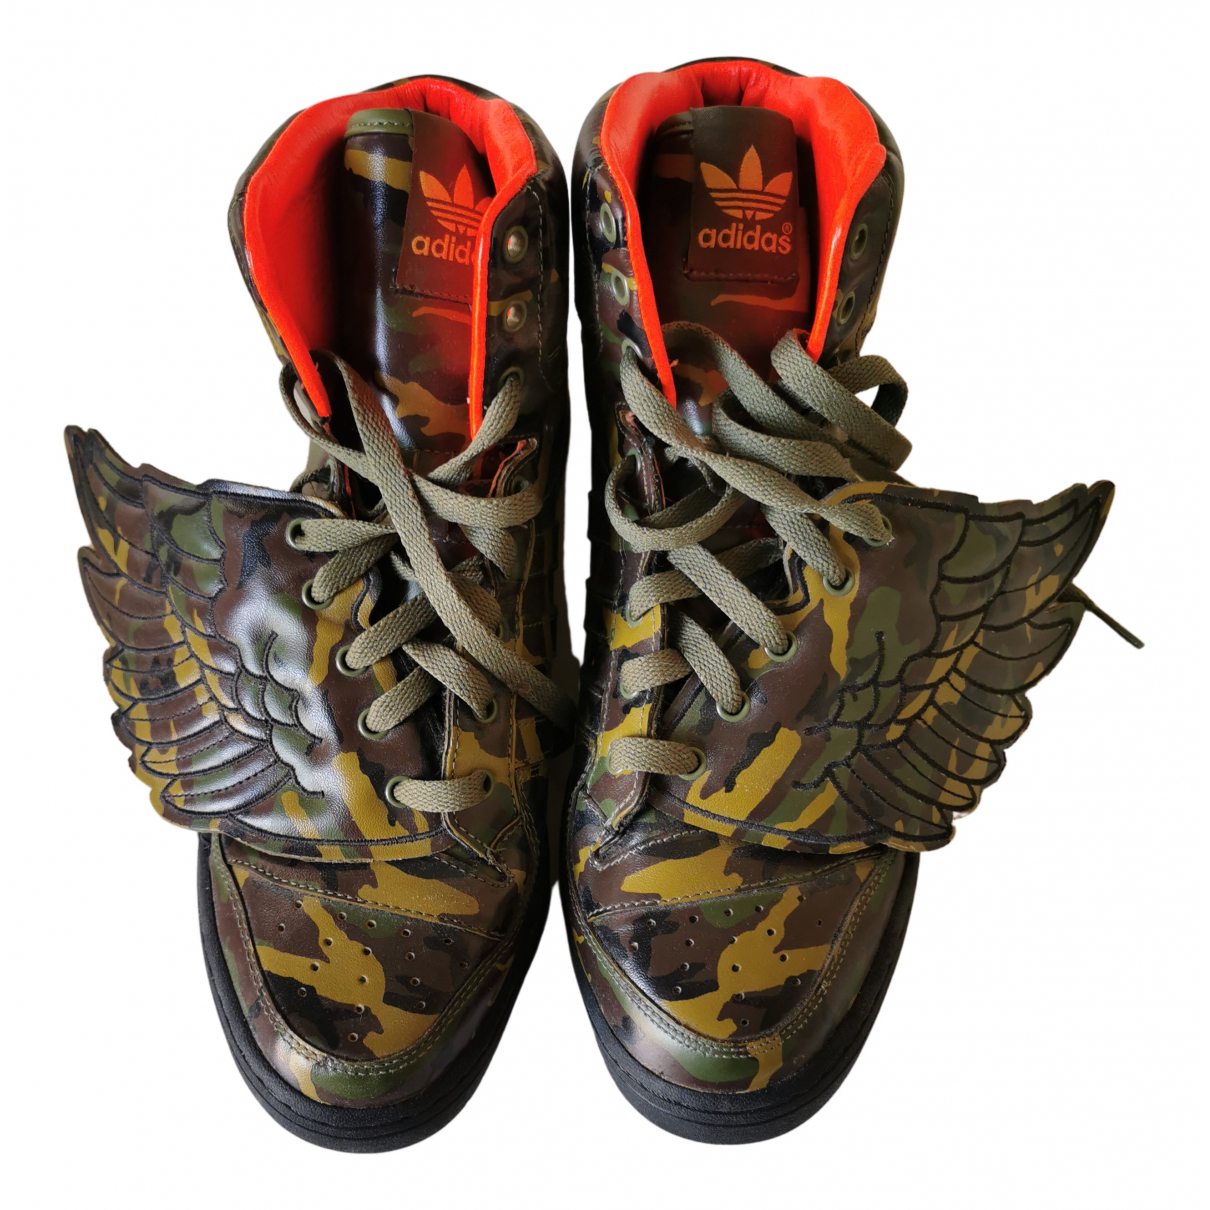 Adidas - Baskets   pour homme en cuir - multicolore